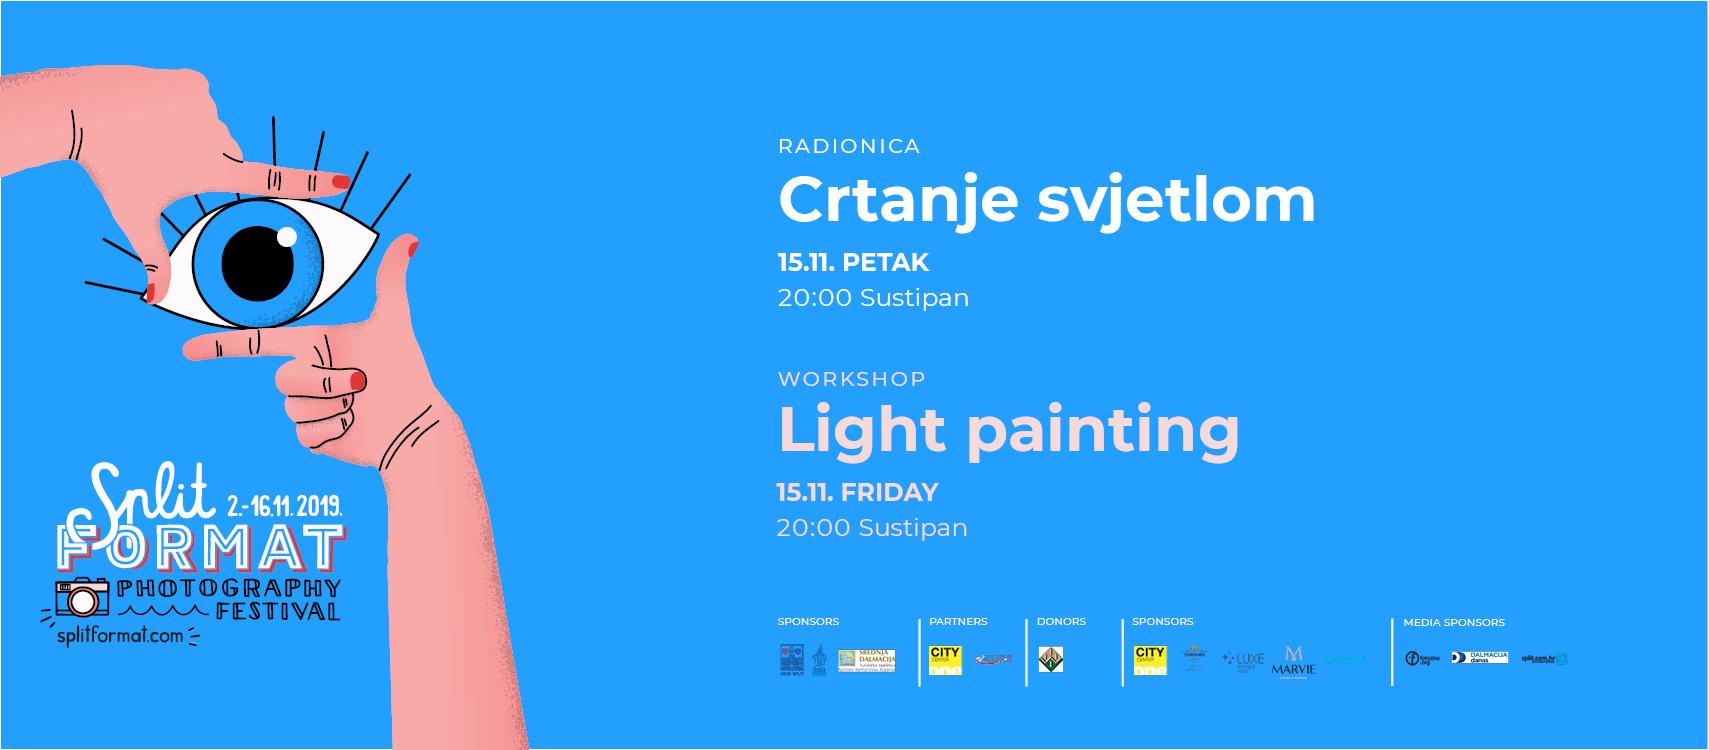 Crtanje svjetlom